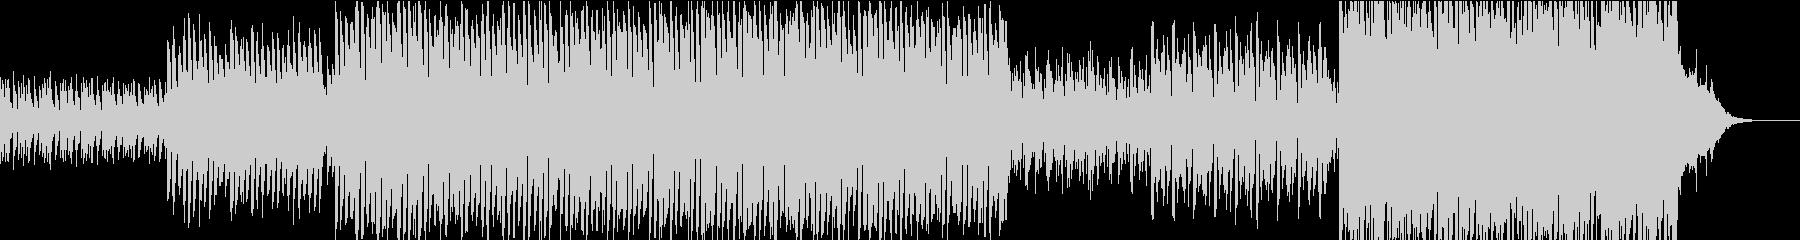 ピアノとストリングスの感動的なポップスの未再生の波形